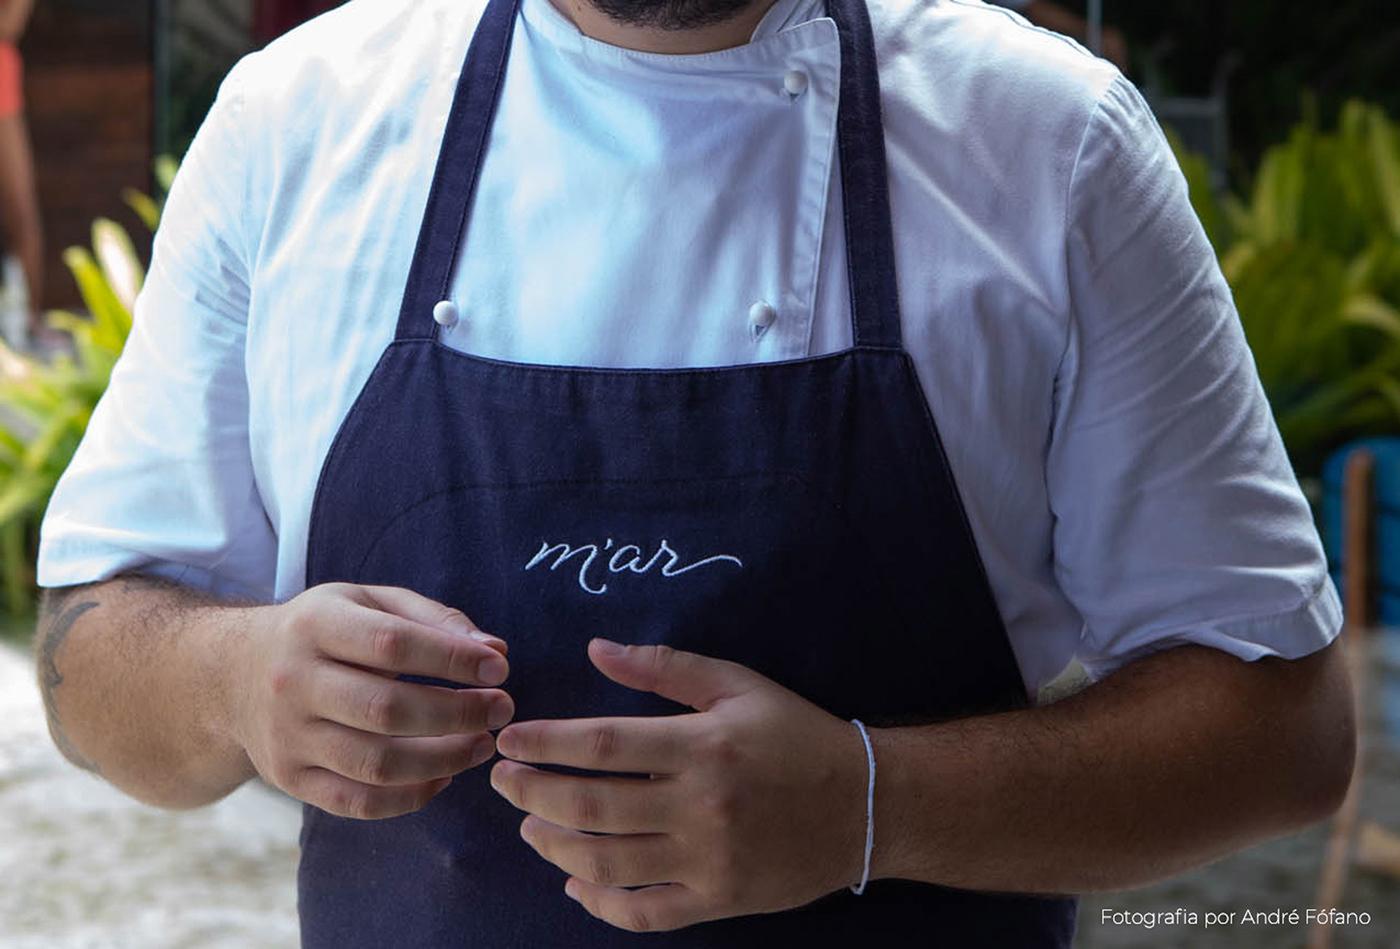 bahia branding  fish gastronomia logo marca marina peixe pescados restaurant